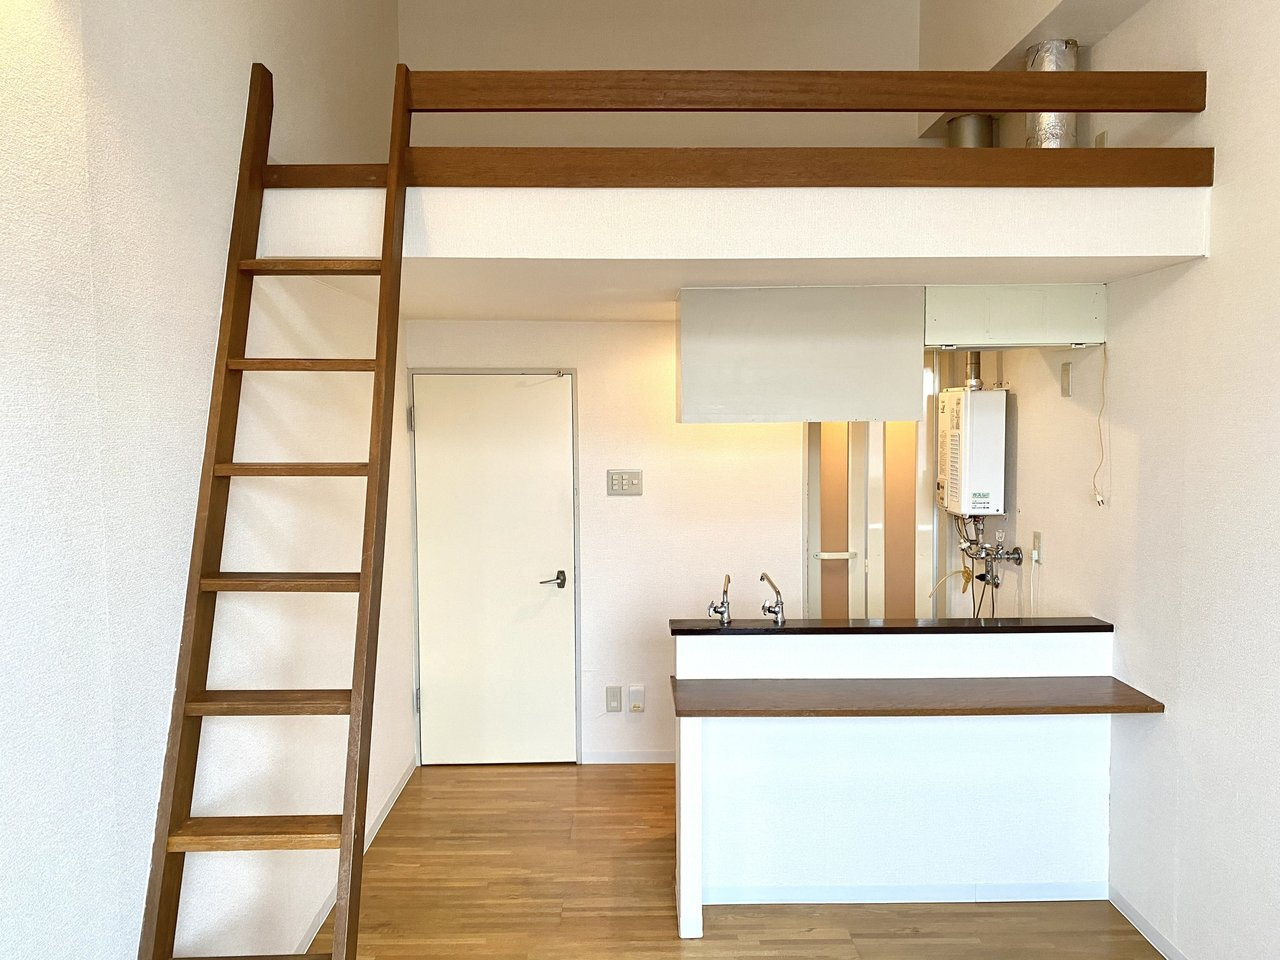 天井が高く、開放的。札幌市内・ロフト付きのワンルーム物件まとめ